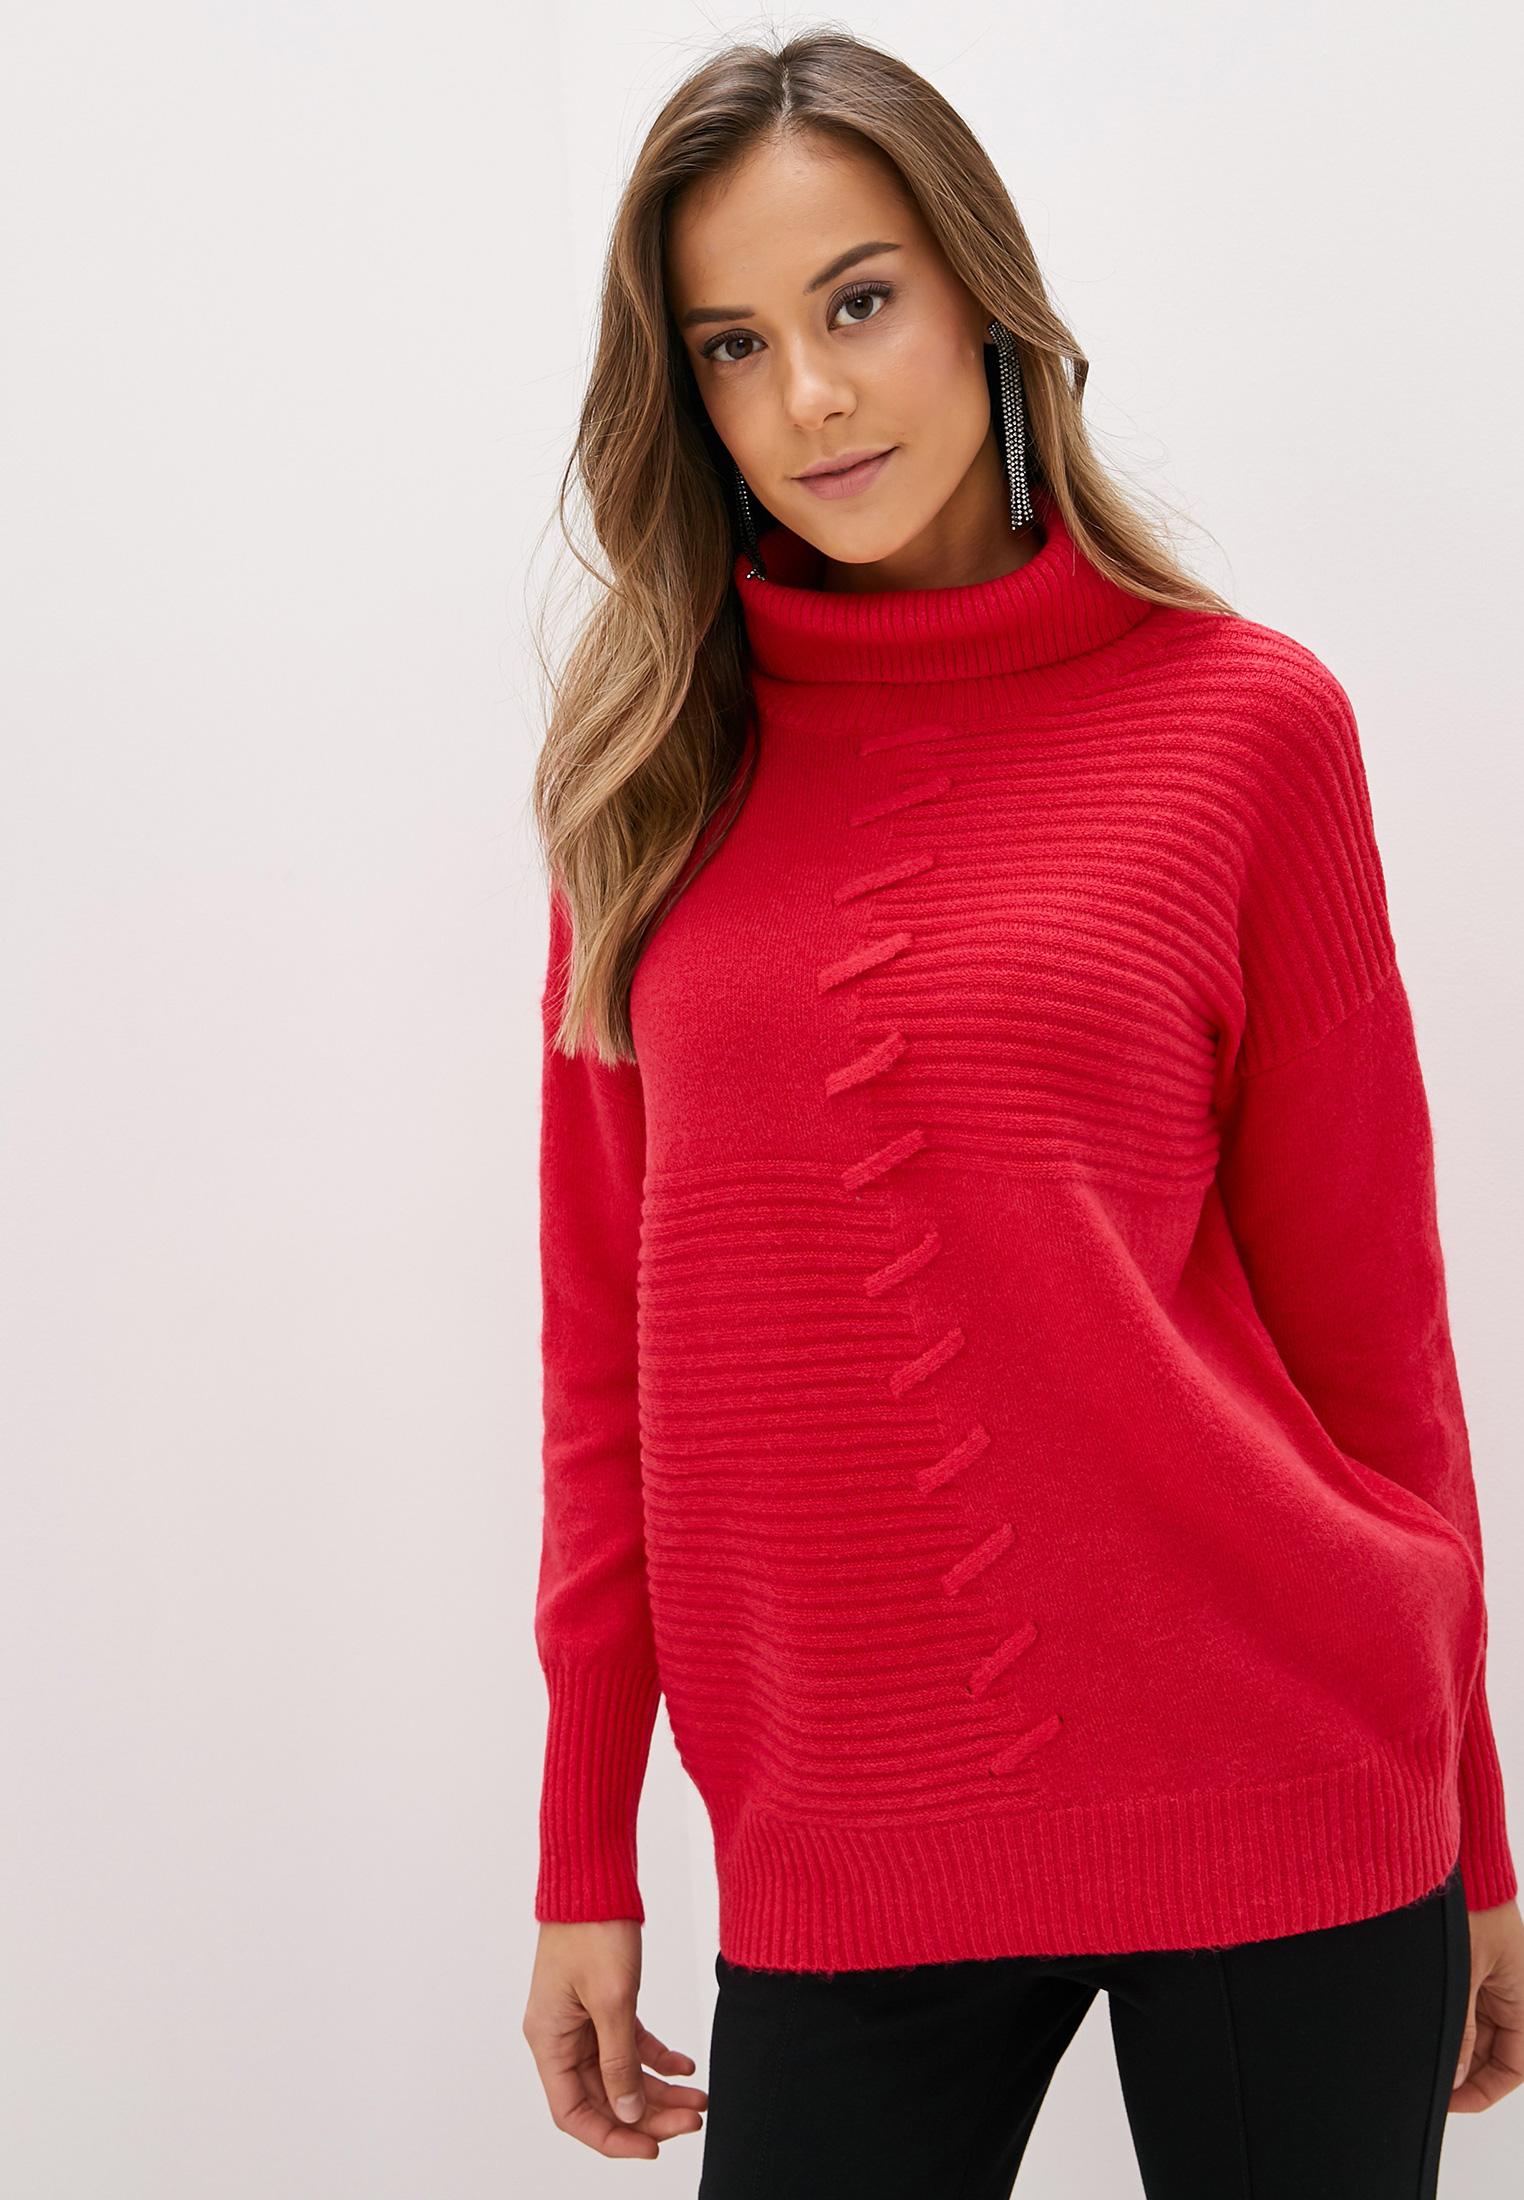 какие в моде женские свитера фото людей